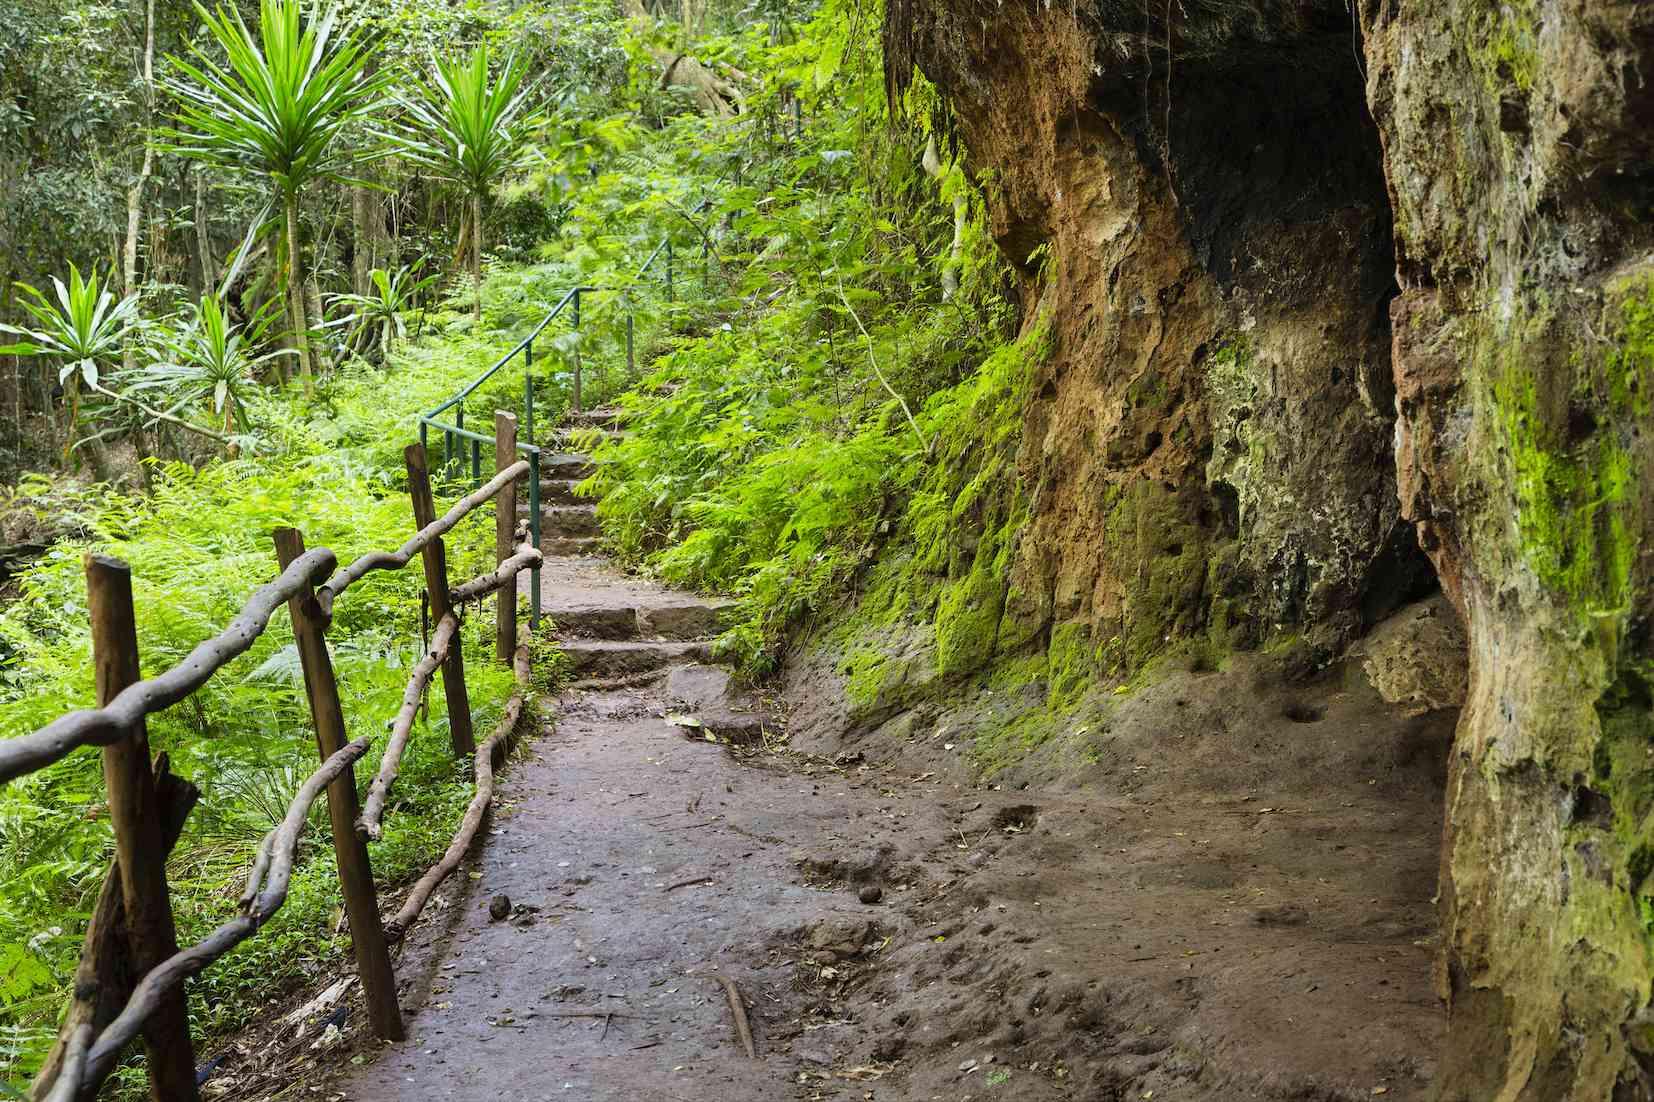 Trail through Karura Forest, Nairobi